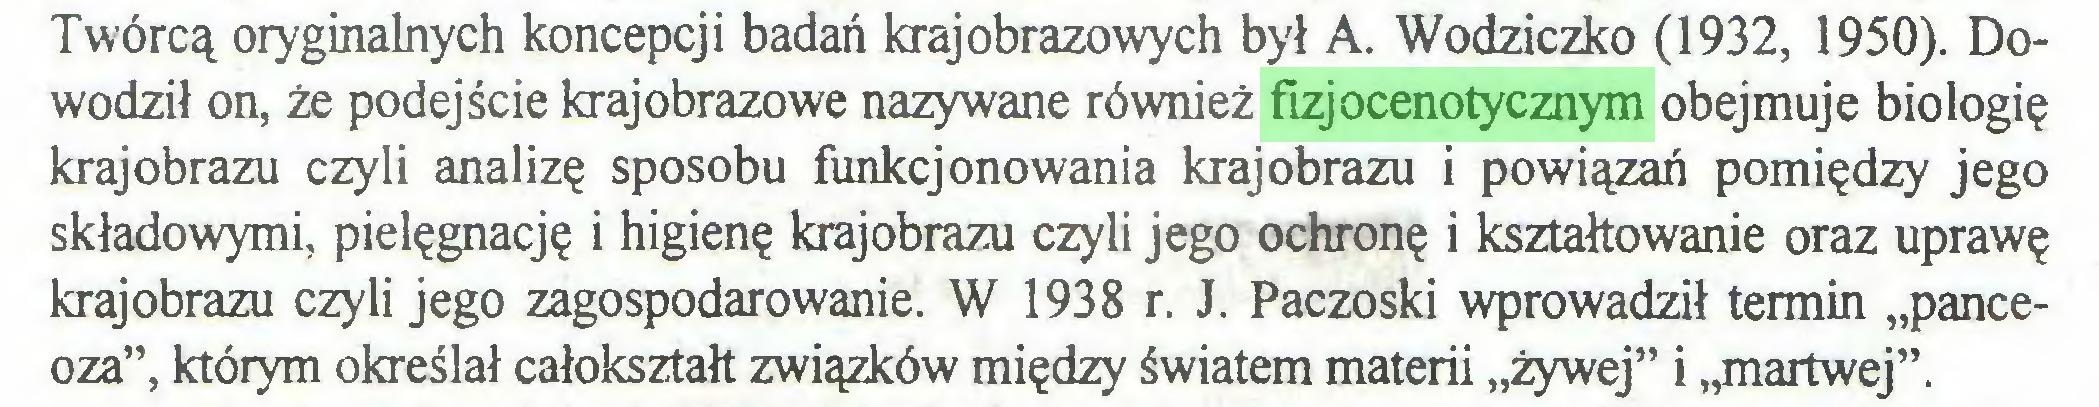 """(...) Twórcą oryginalnych koncepcji badań krajobrazowych był A. Wodziczko (1932, 1950). Dowodził on, że podejście krajobrazowe nazywane również fizjocenotycznym obejmuje biologię krajobrazu czyli analizę sposobu funkcjonowania krajobrazu i powiązań pomiędzy jego składowymi, pielęgnację i higienę krajobrazu czyli jego ochronę i kształtowanie oraz uprawę krajobrazu czyli jego zagospodarowanie. W 1938 r. J. Paczoski wprowadził termin """"panceoza"""", którym określał całokształt związków między światem materii """"żywej"""" i """"martwej""""..."""